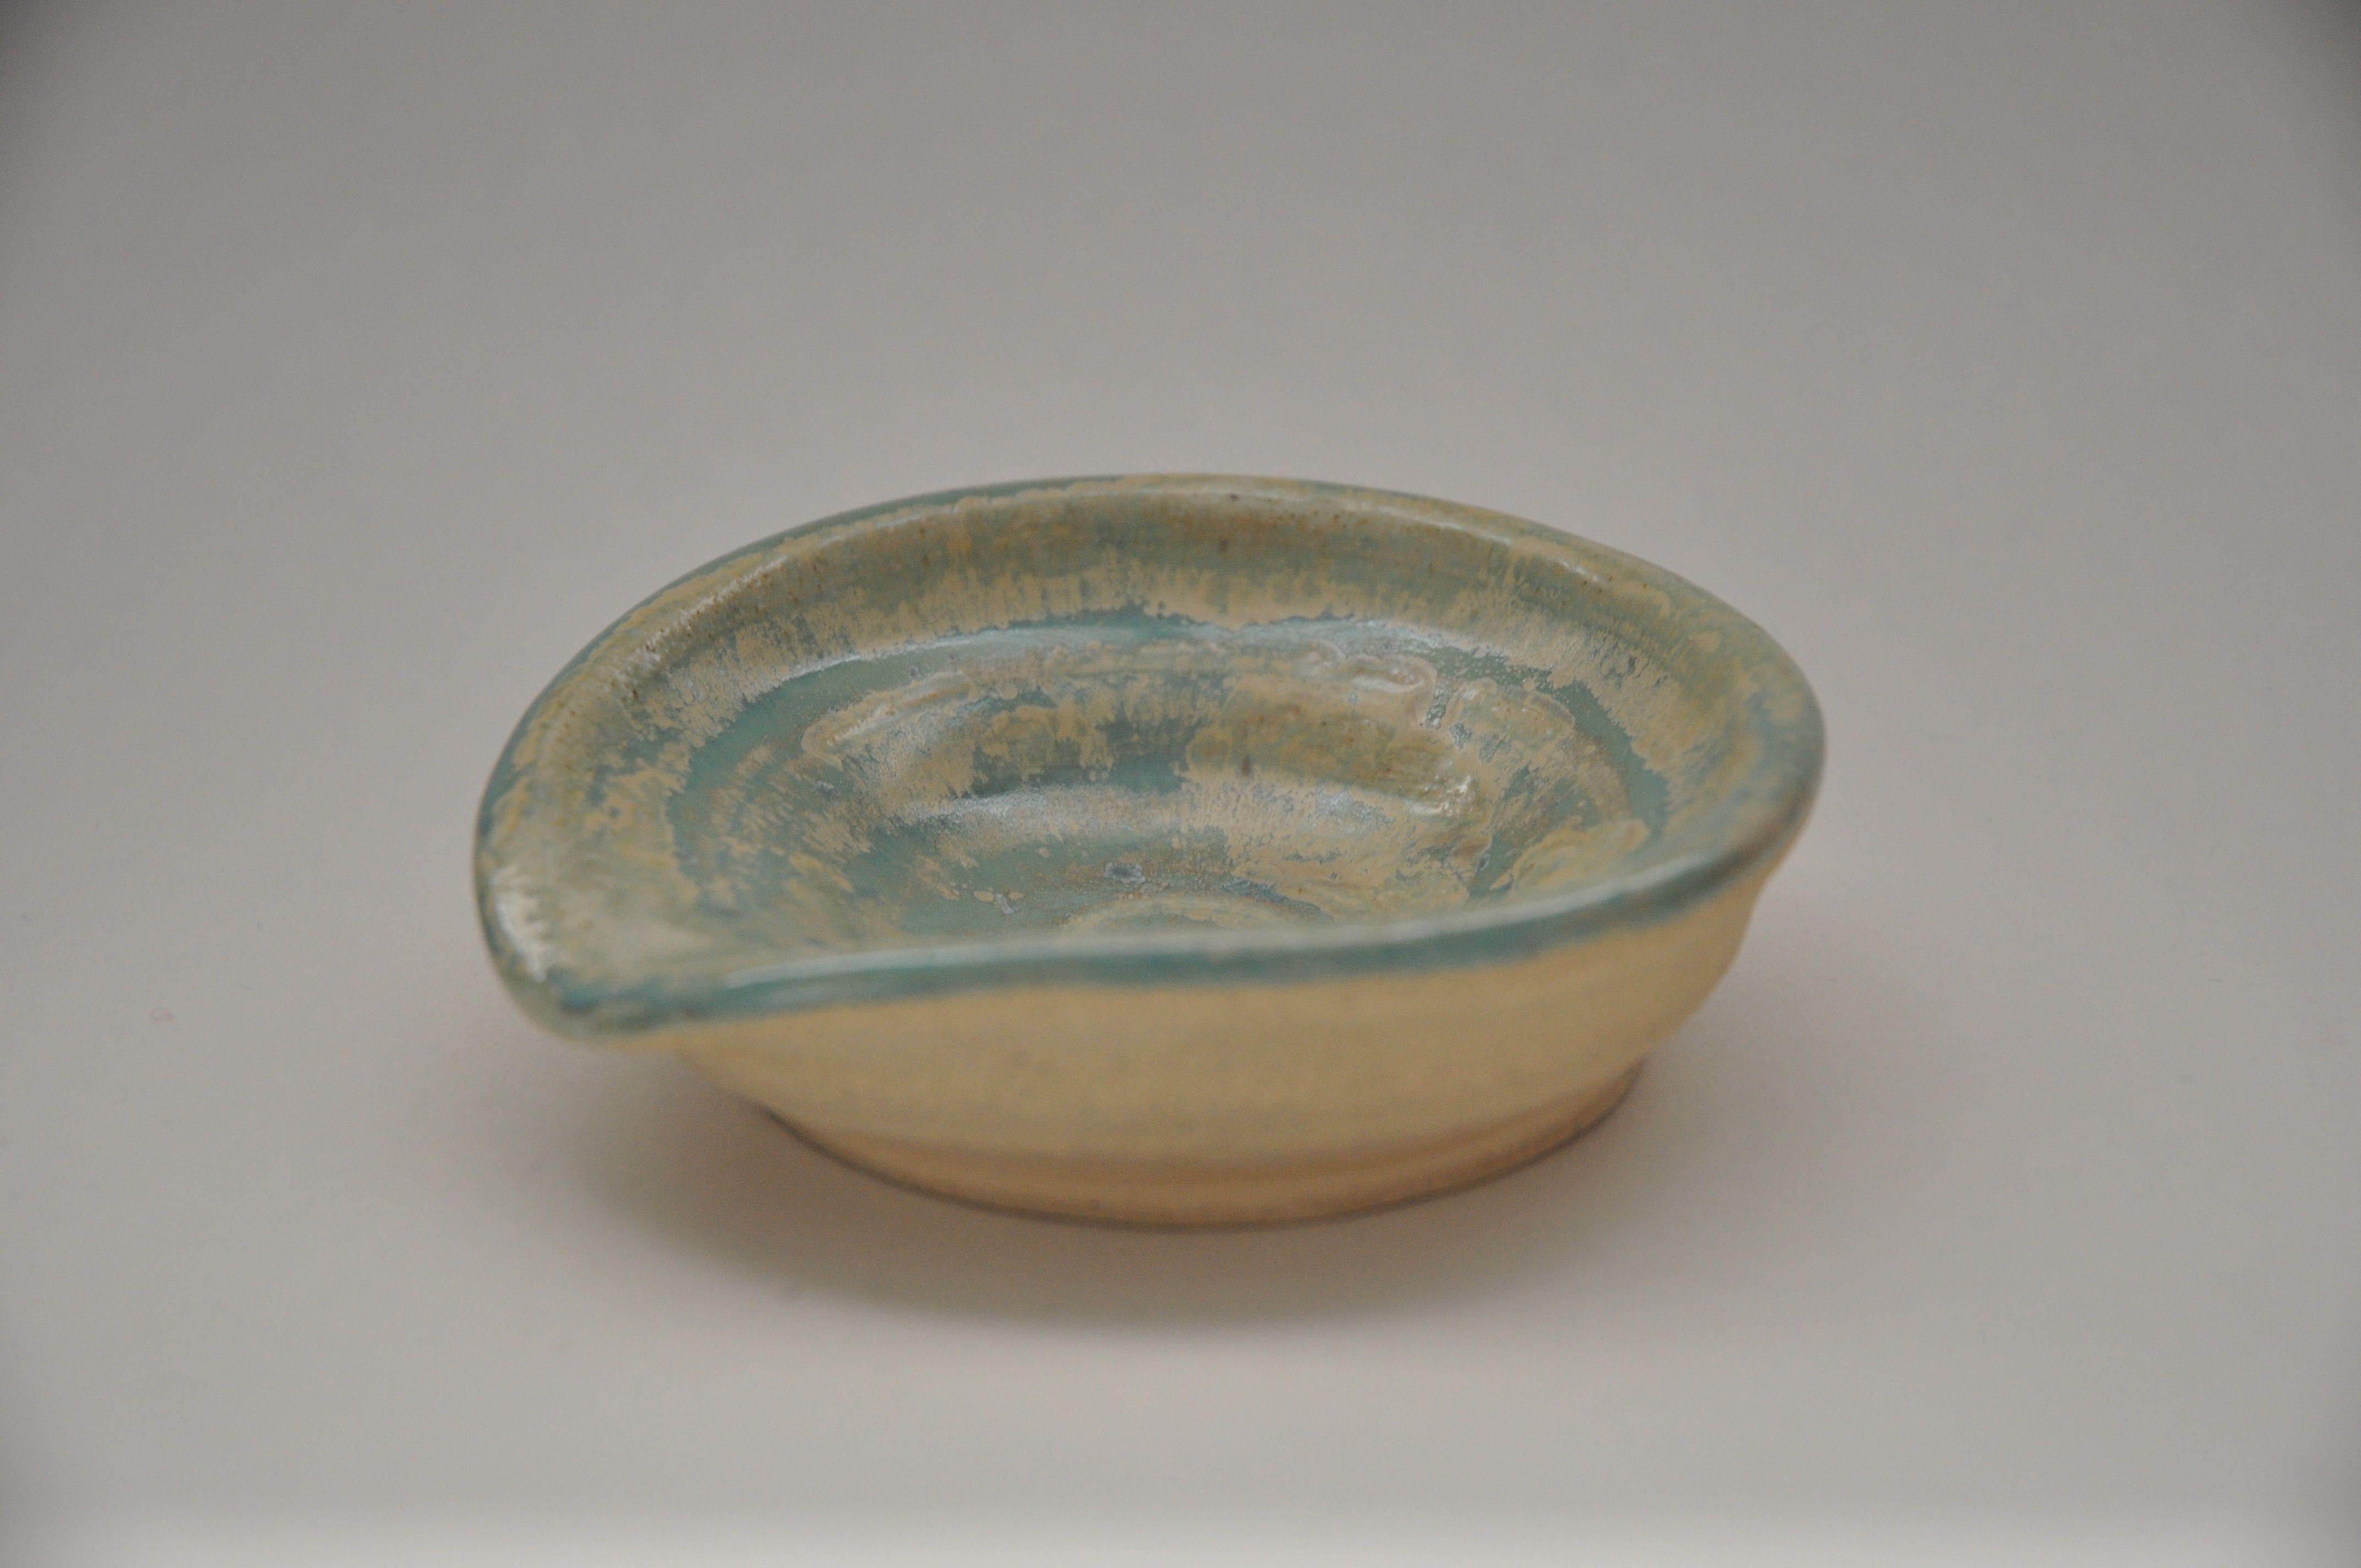 Elliptical PB Glazed Dish by Febbie Day of Doe&Day (FDV014)